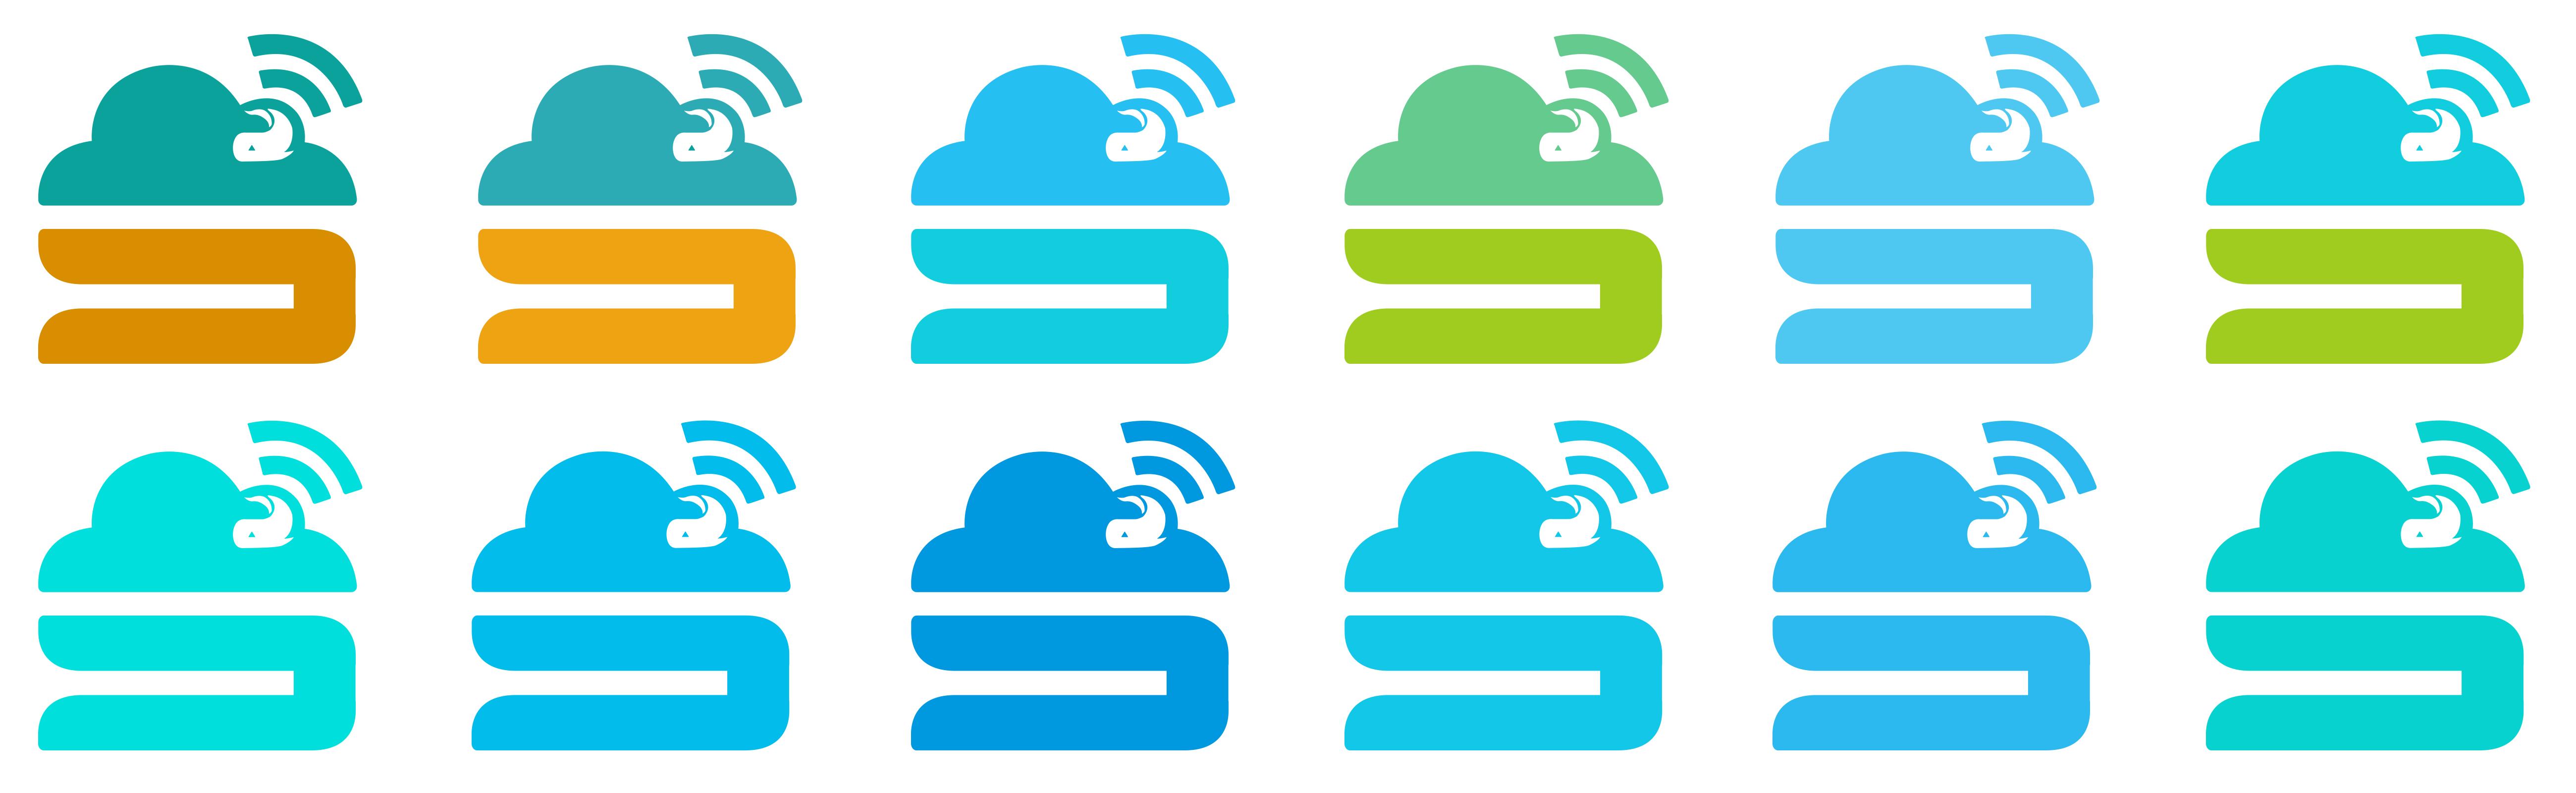 一个智能家居logo设计图片